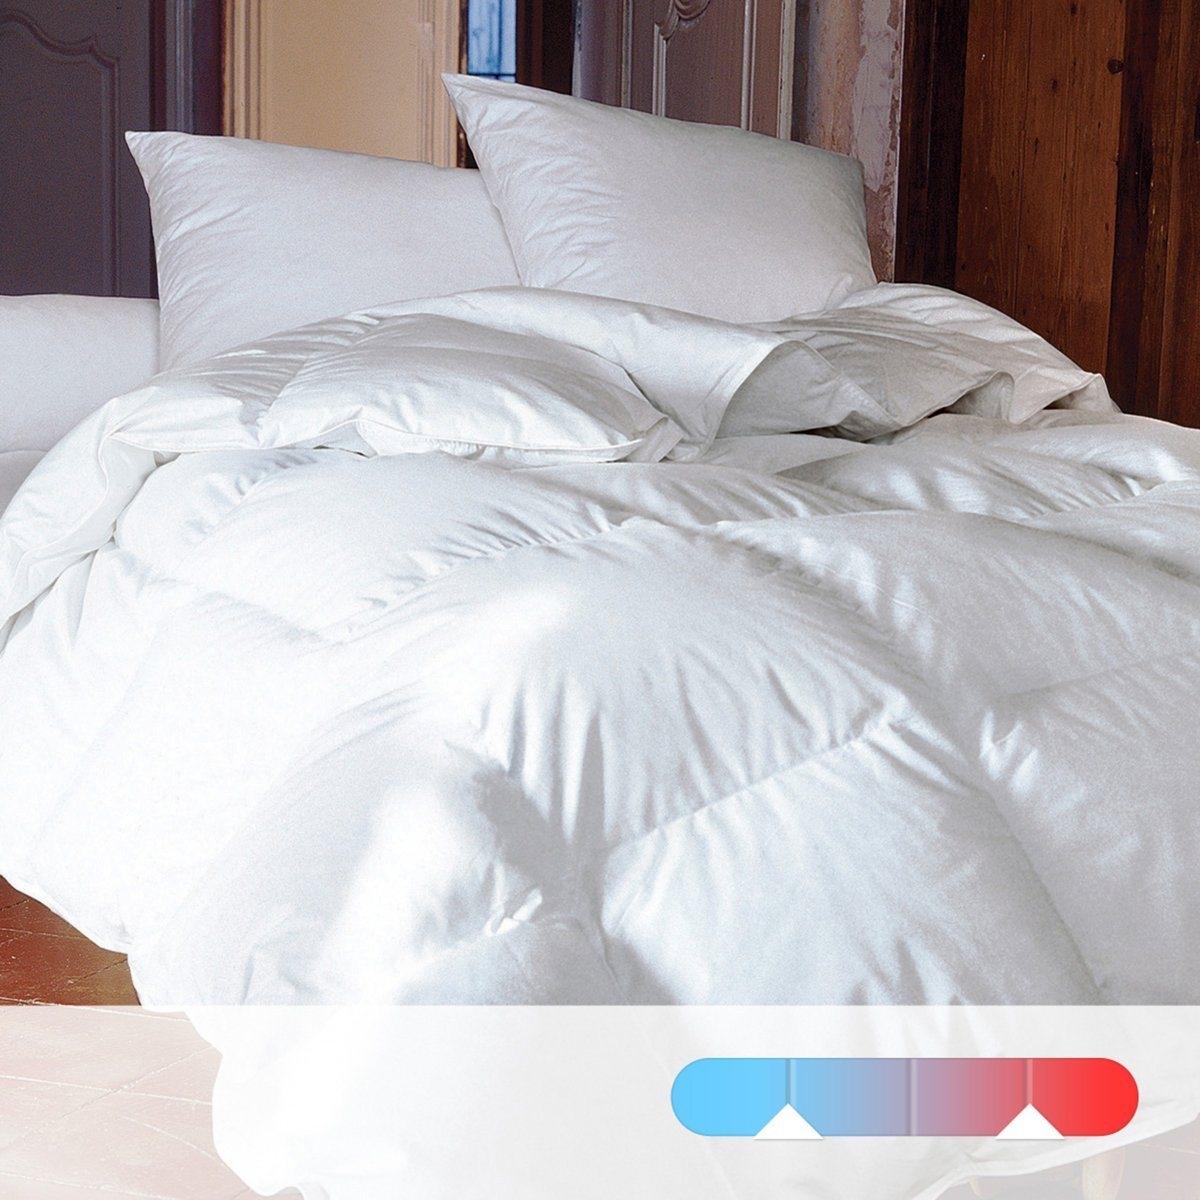 Одеяло двойное натуральное для комфортного сна. 50% пуха, 50% перьев.